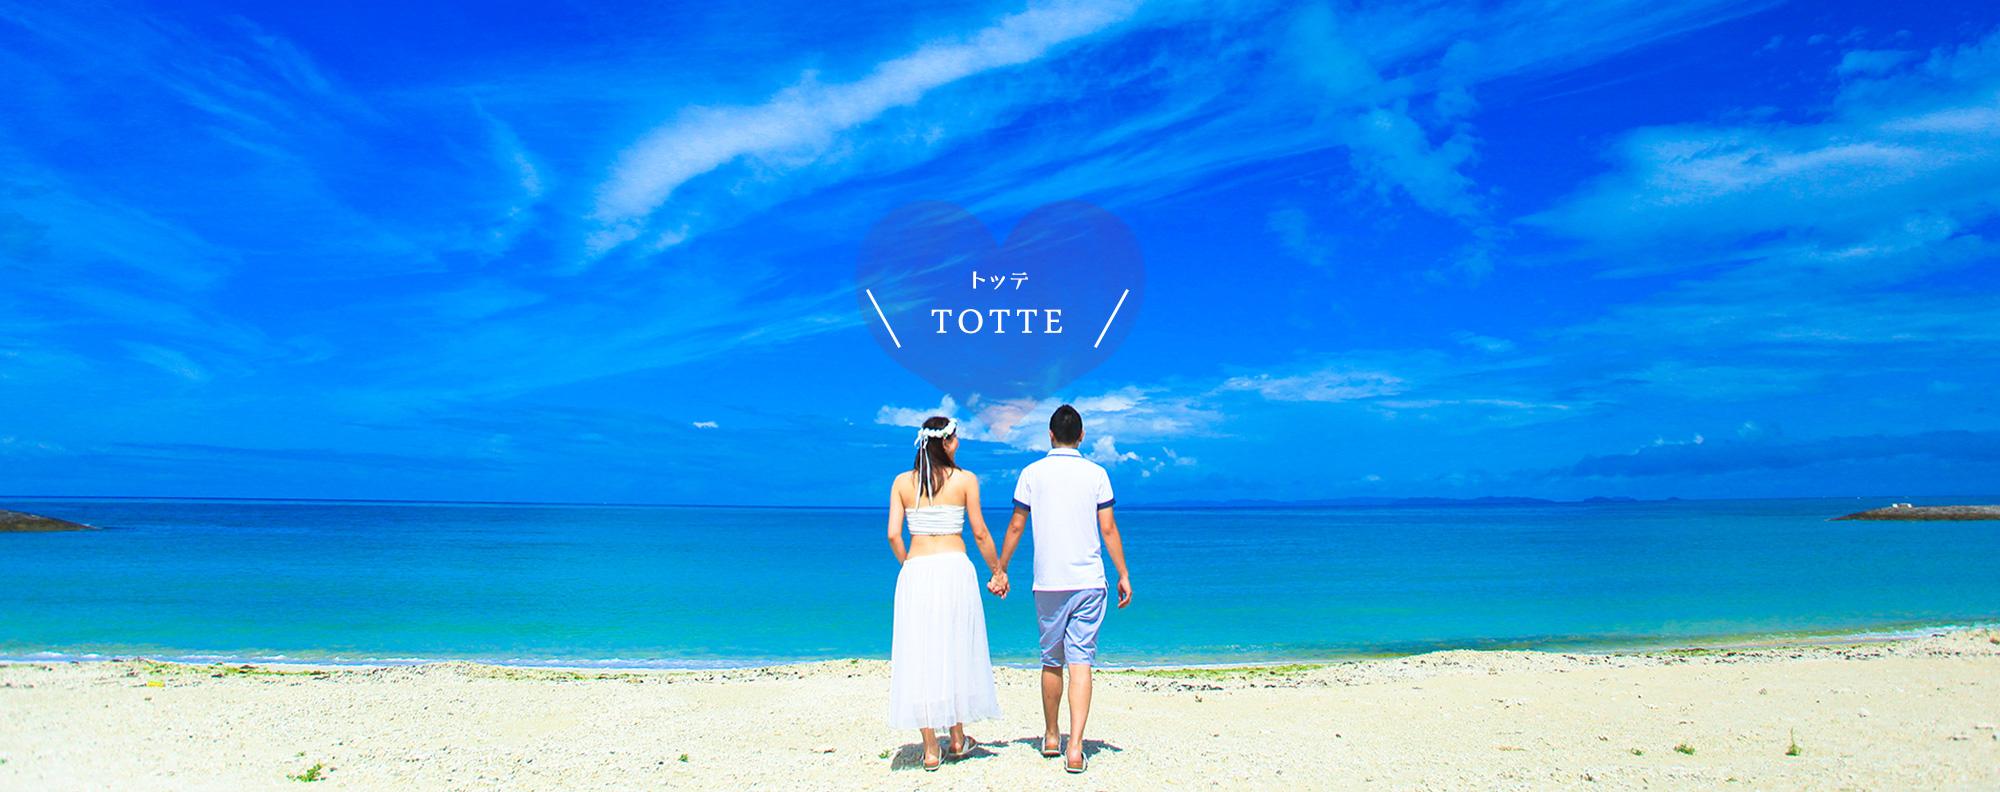 沖縄の出張写真「tottephoto」